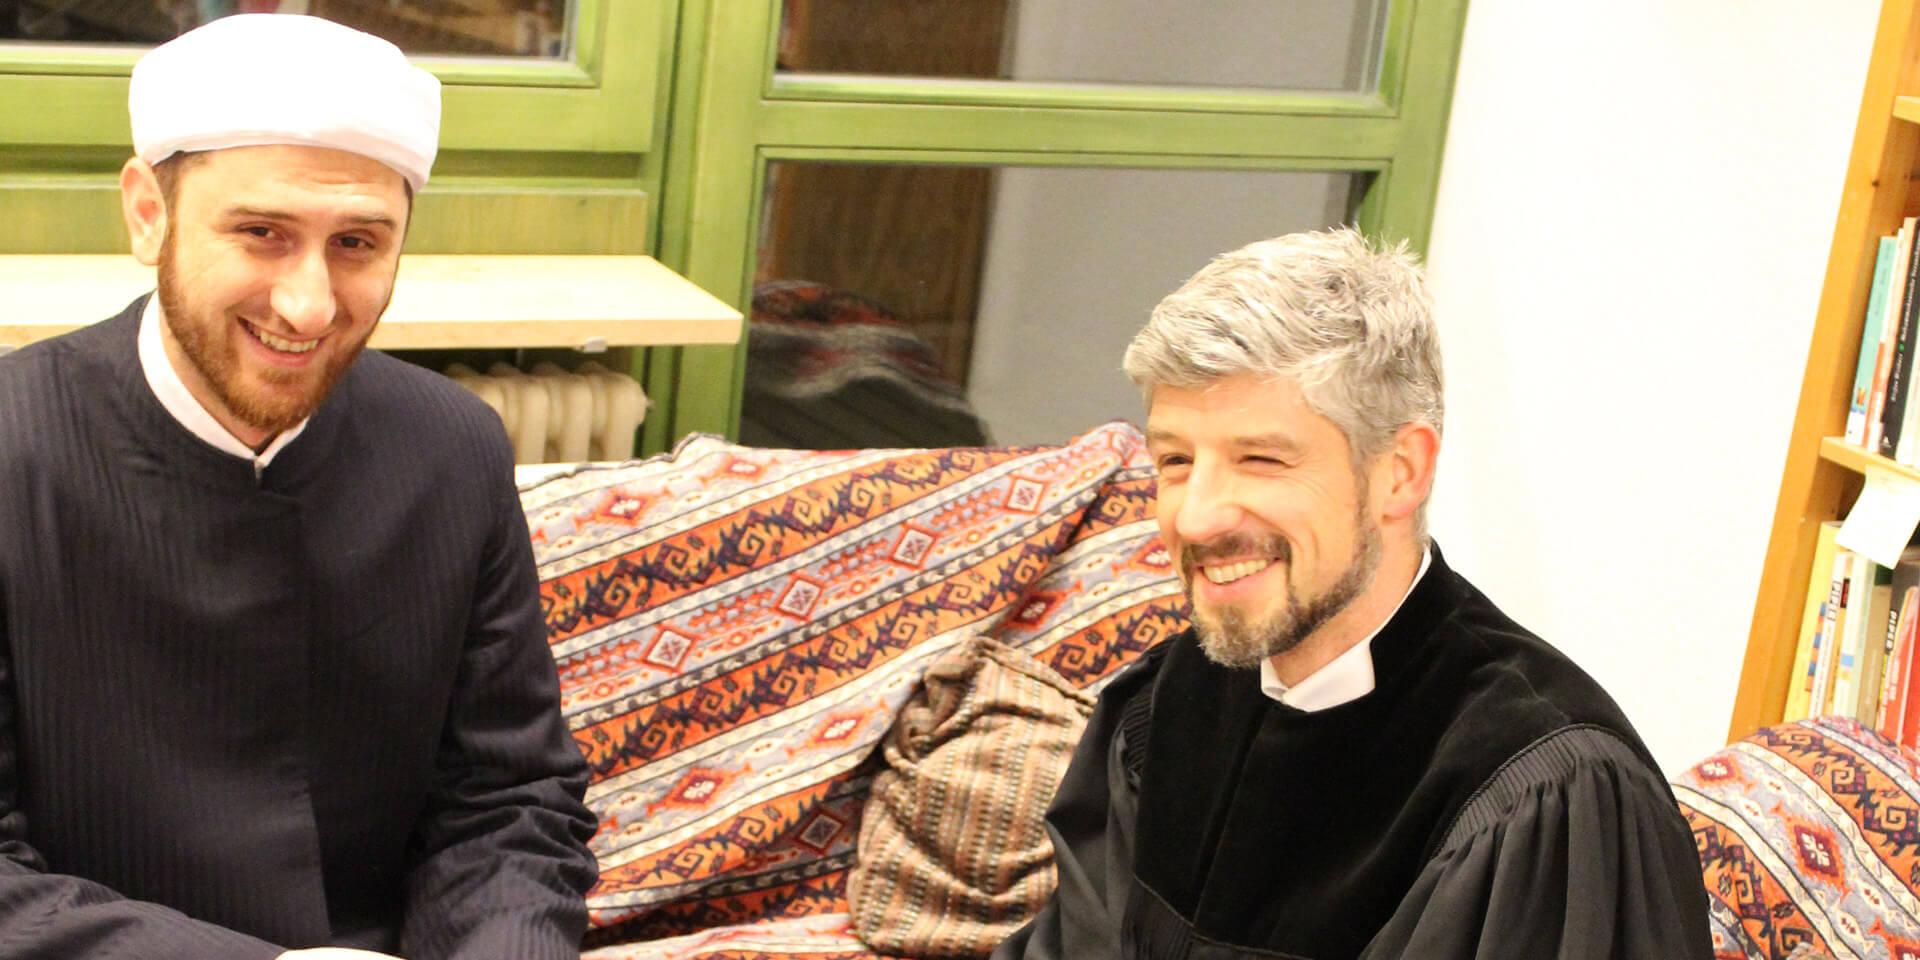 Pfarrer Thomas Amberg und xy bei: DIWAN - Man(n) trifft sich